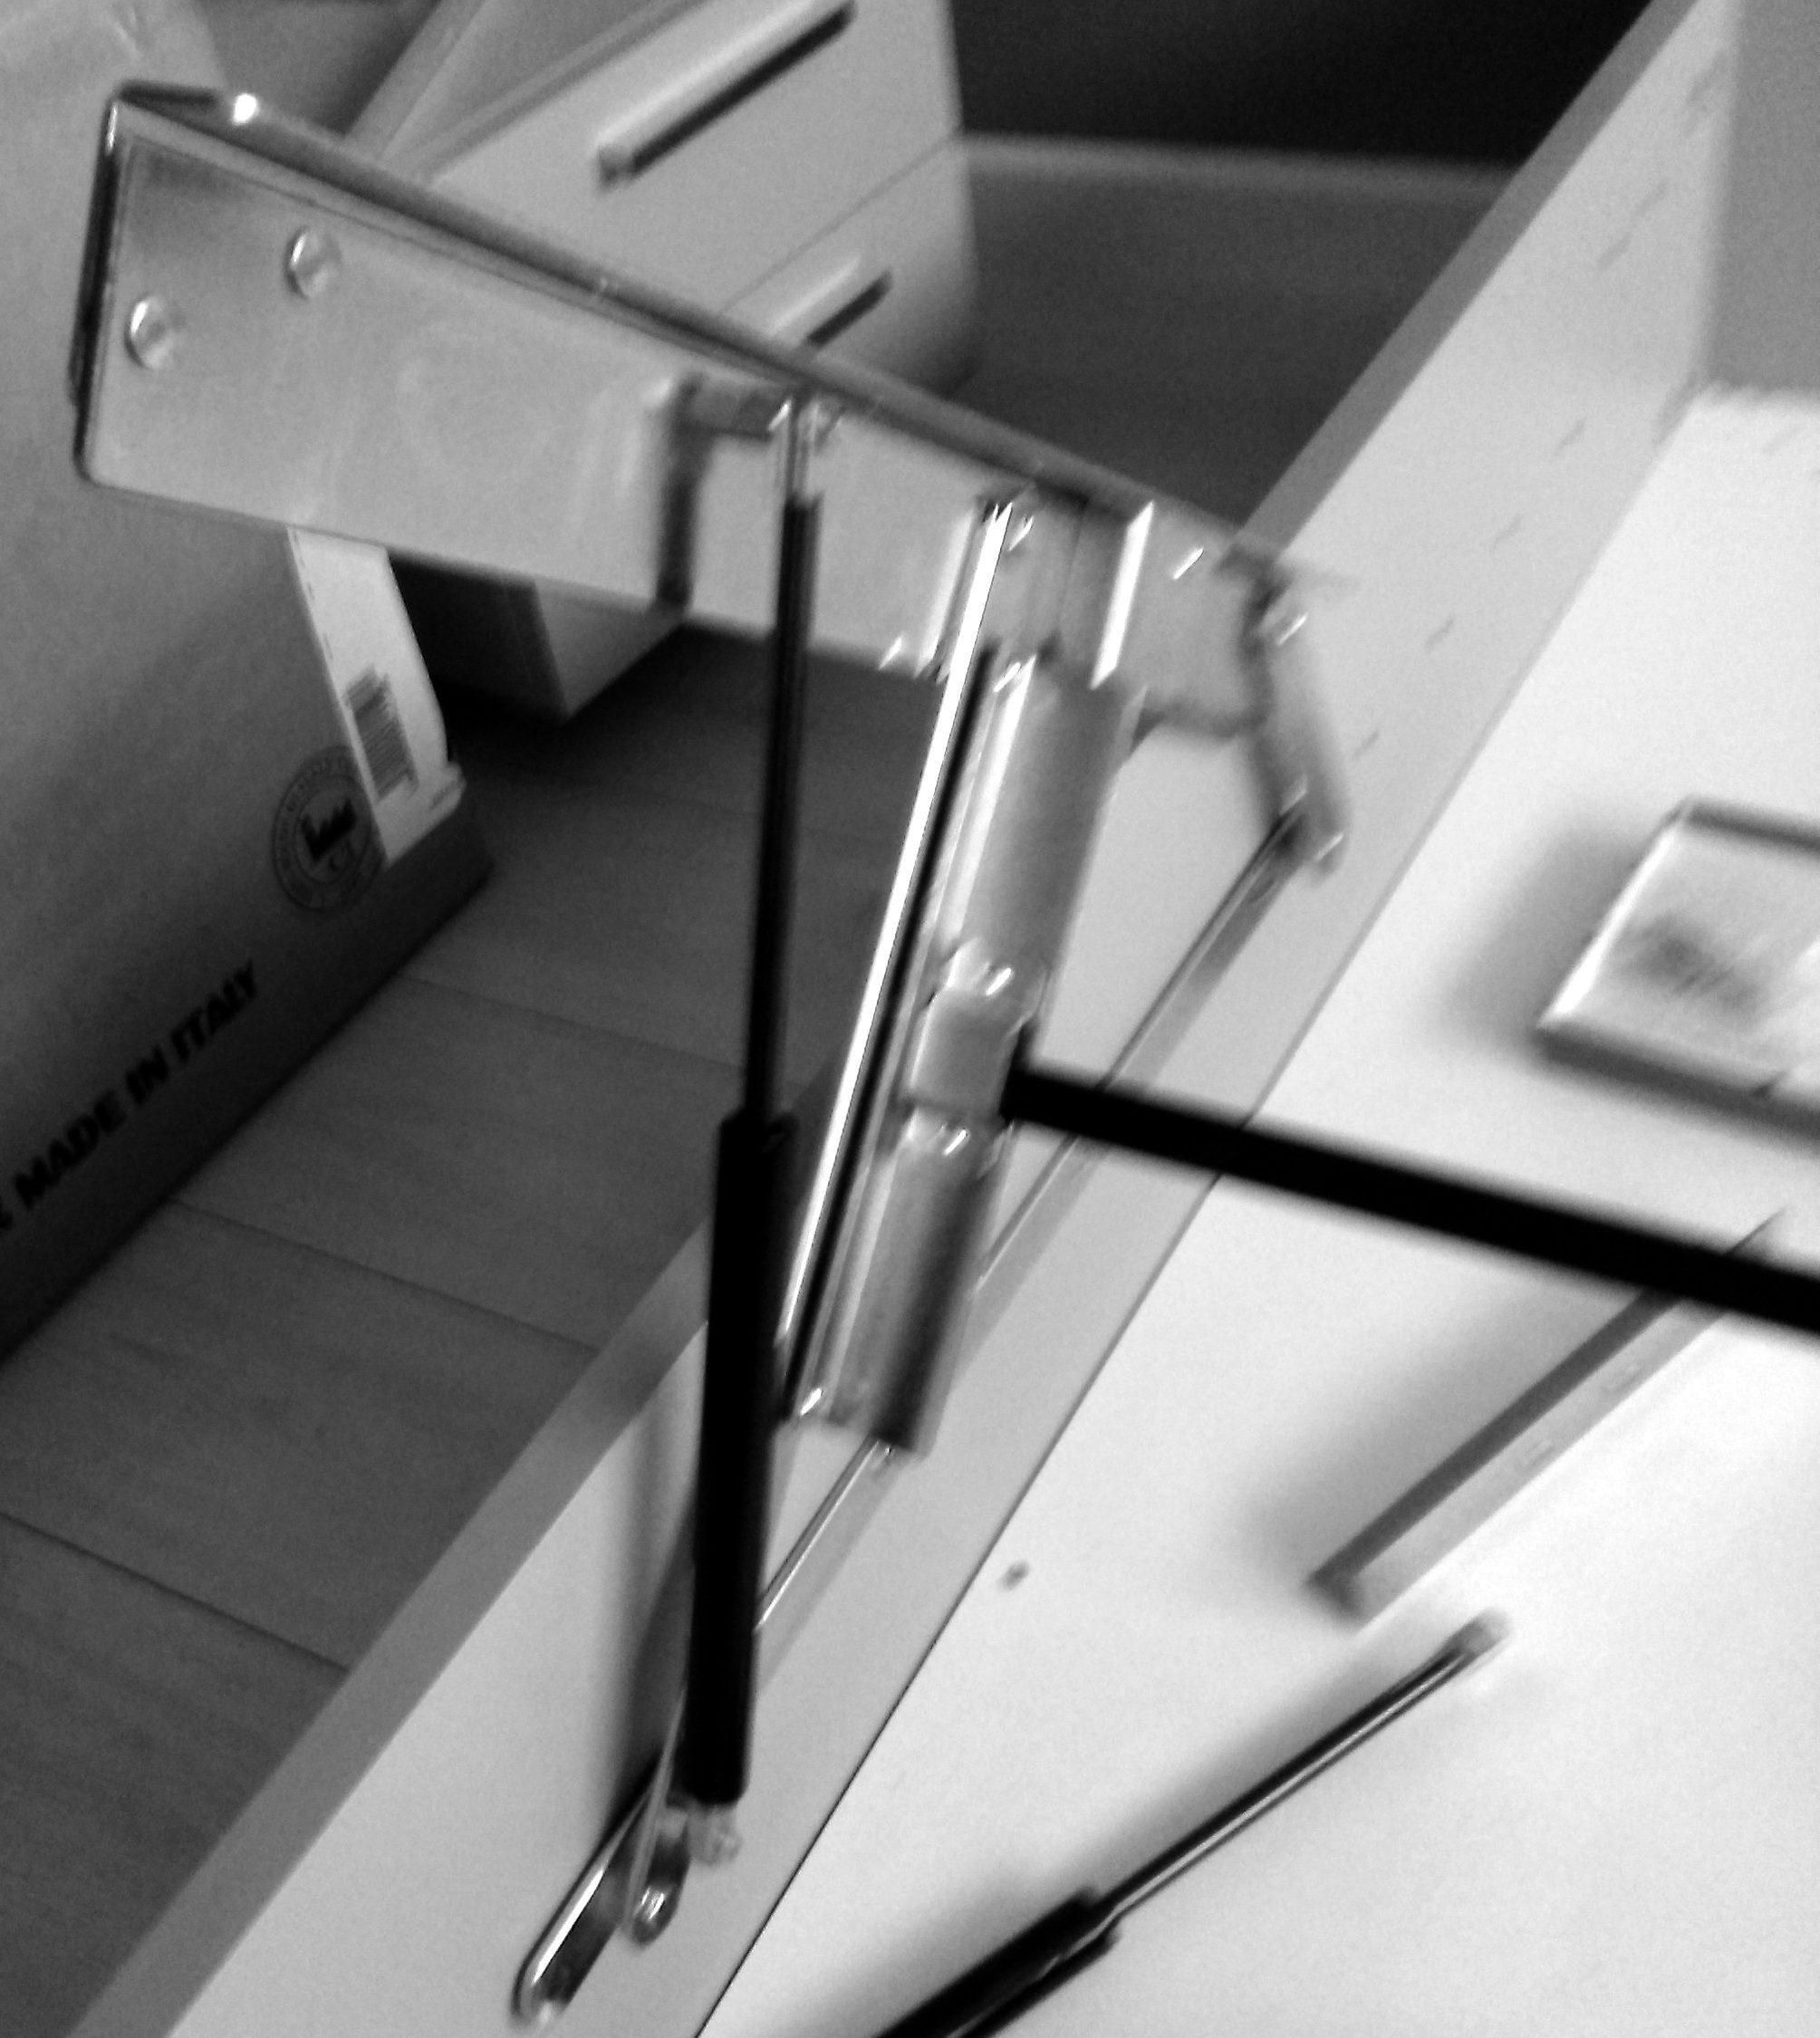 Kit Per Letto Contenitore.Kit Meccanismo Completo Di Pistoni Per Letto Contenitore